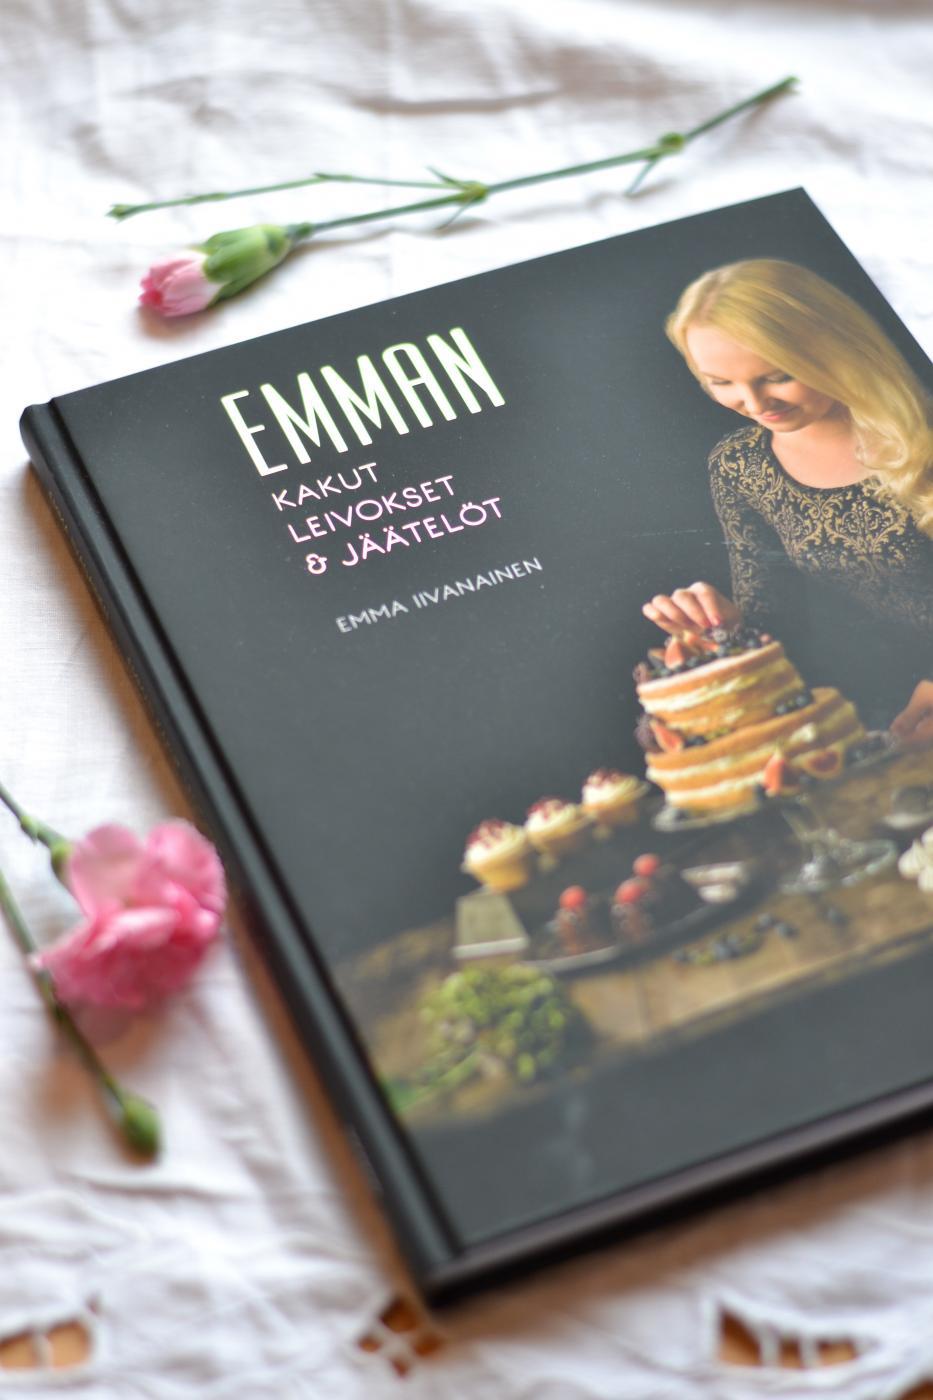 Arvonta: Emman kakut, leivokset ja jäätelöt